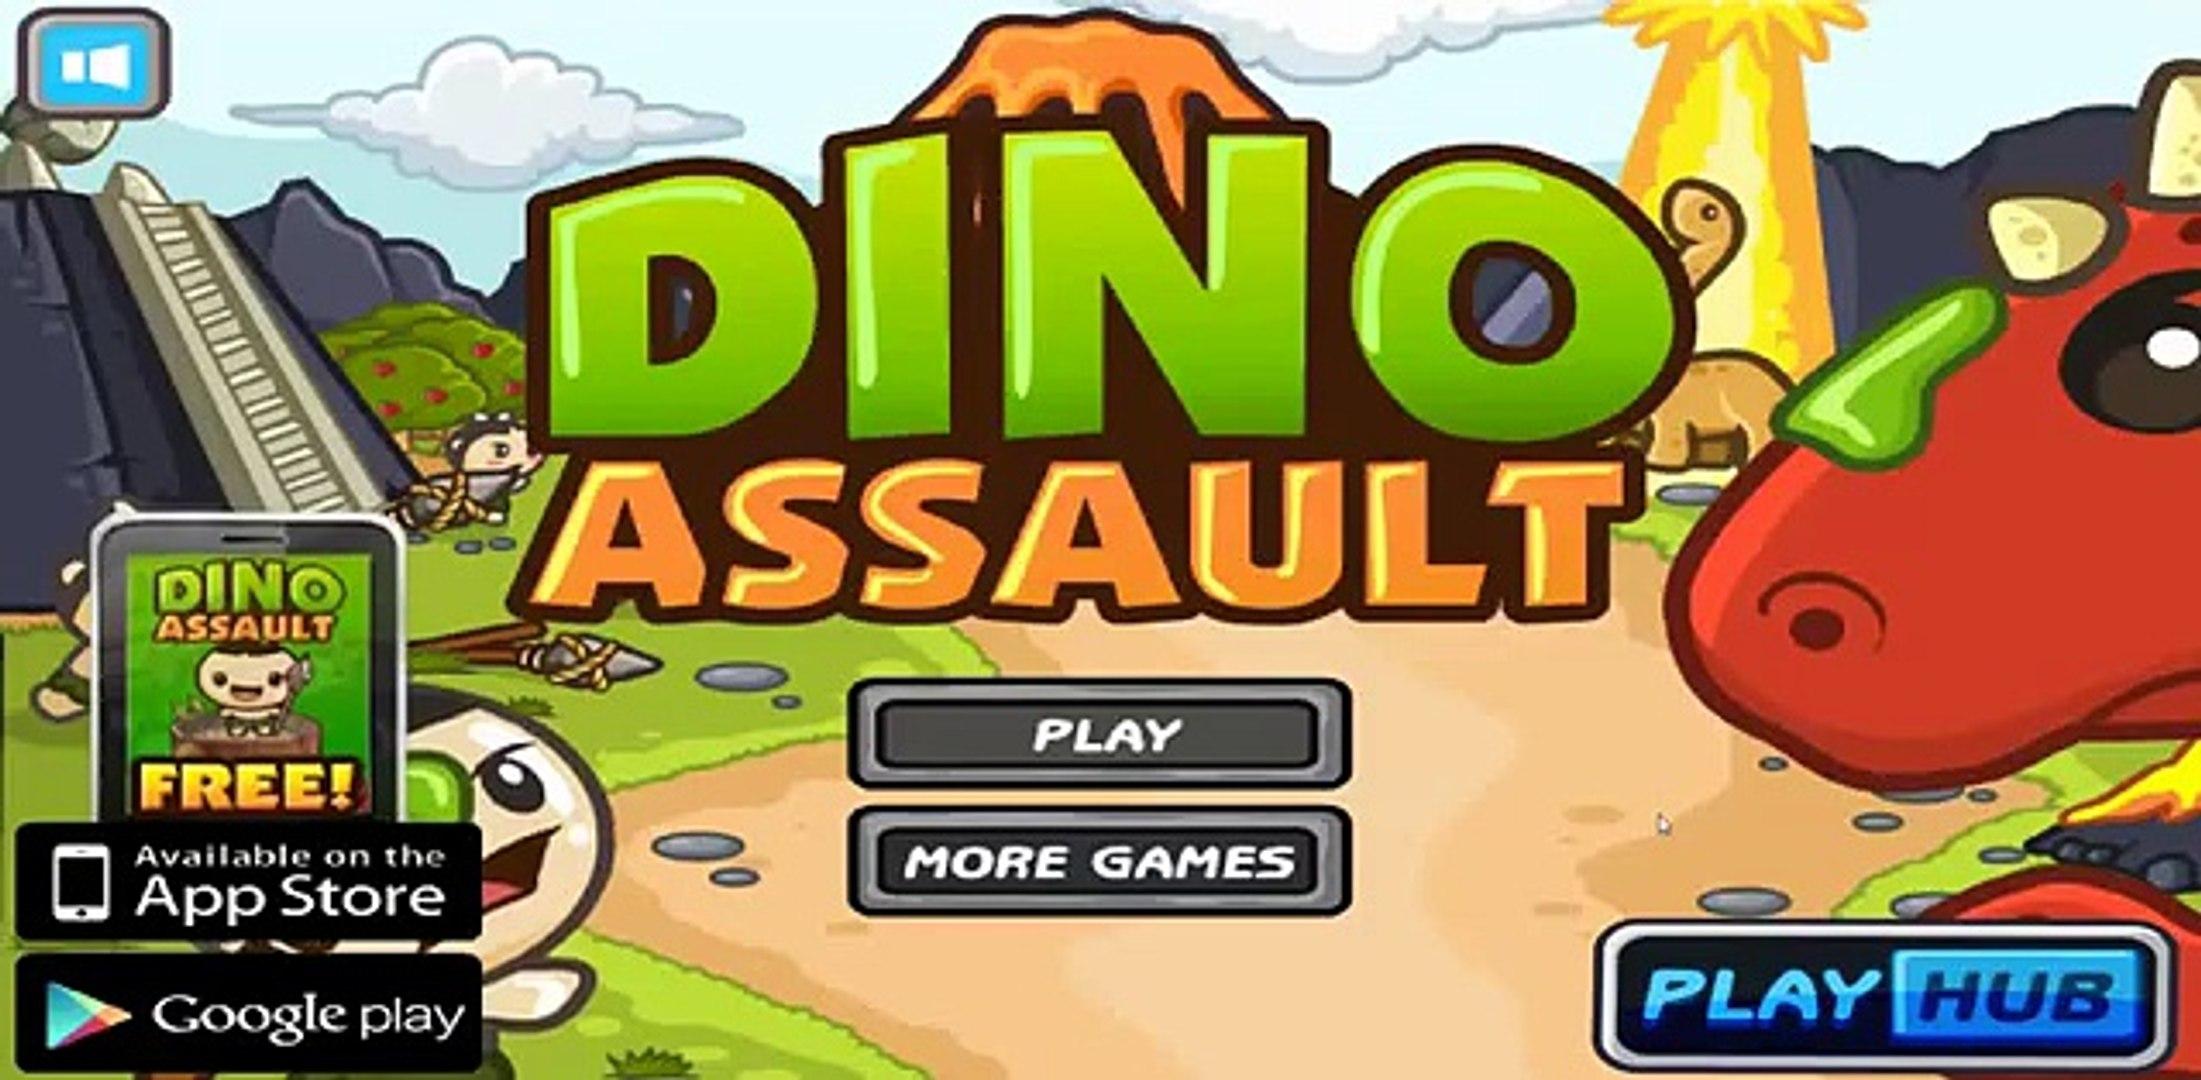 Dino Assault Walkthrough, Level 1 - 5